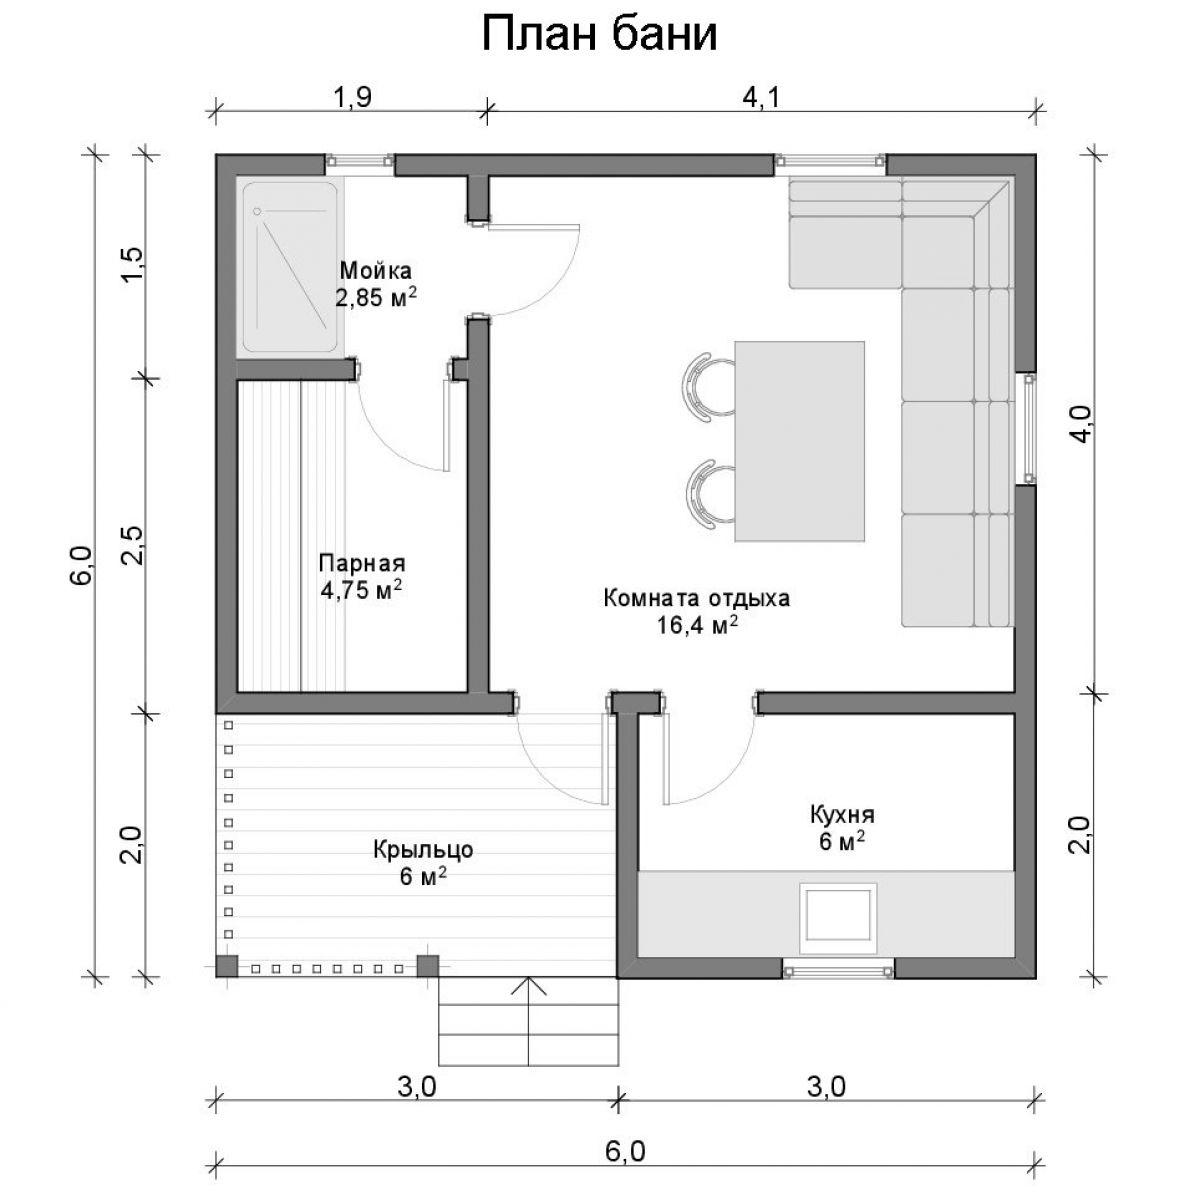 Проект бани из пеноблоков: выбор места и материалов. расчет стоимости